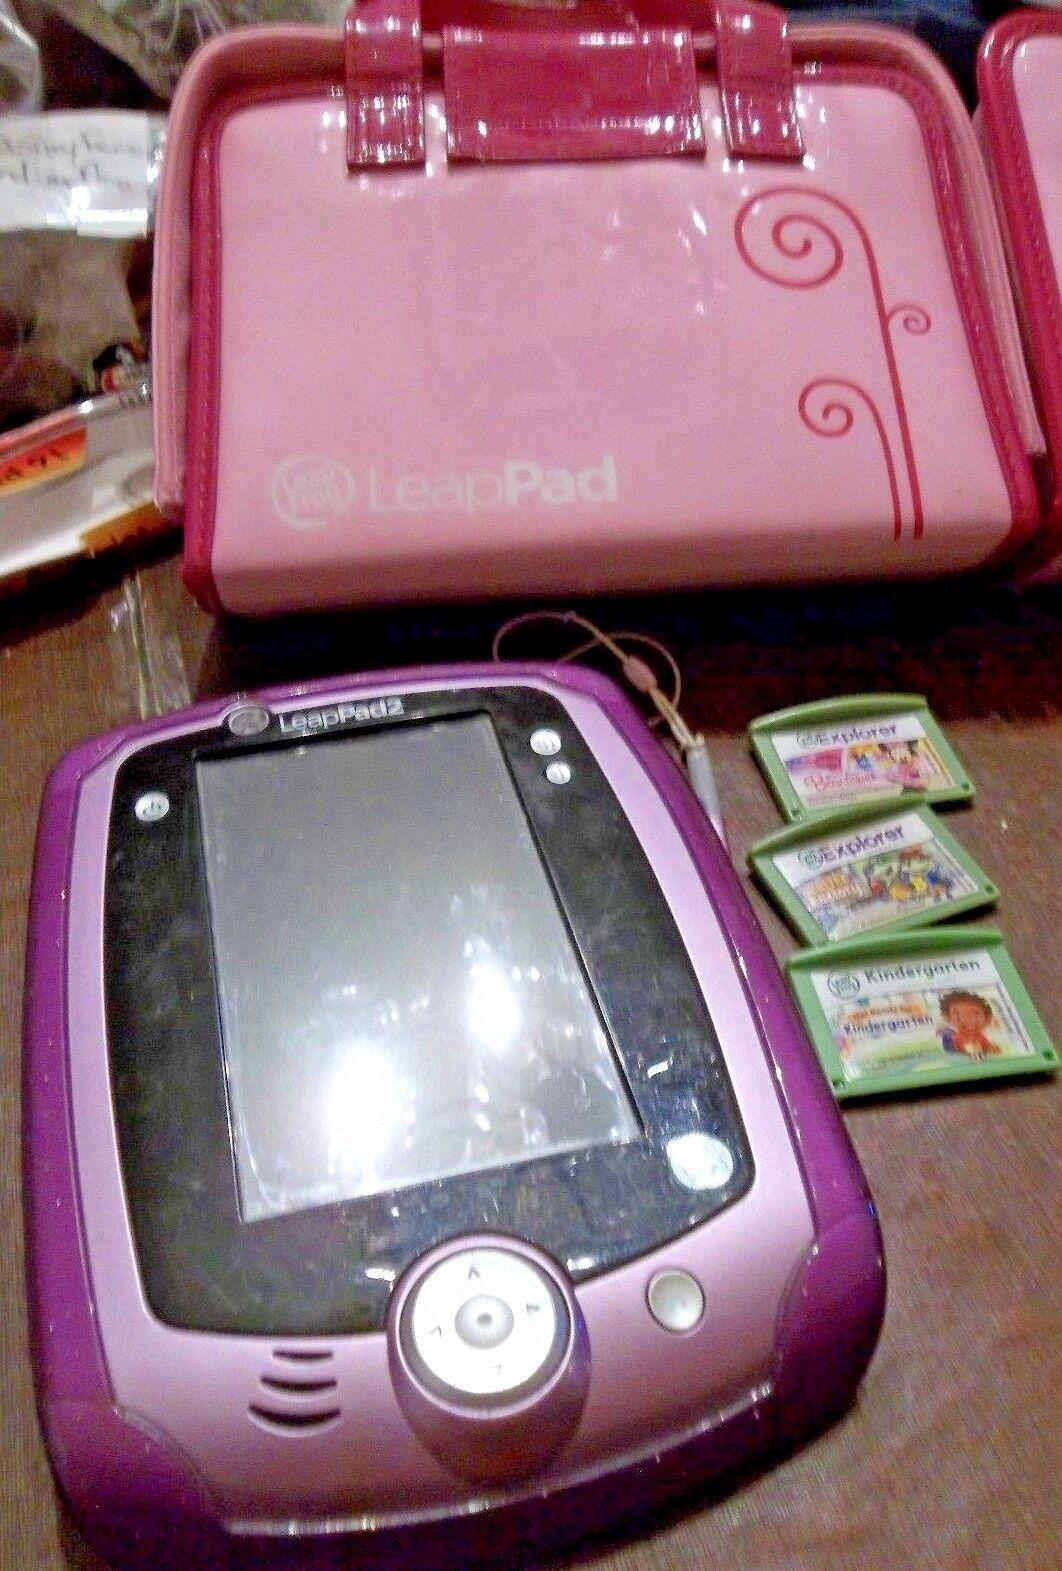 LeapFrog Leappad 2 Purple w  Pink Purse type Case & 3 Smartridges NICE